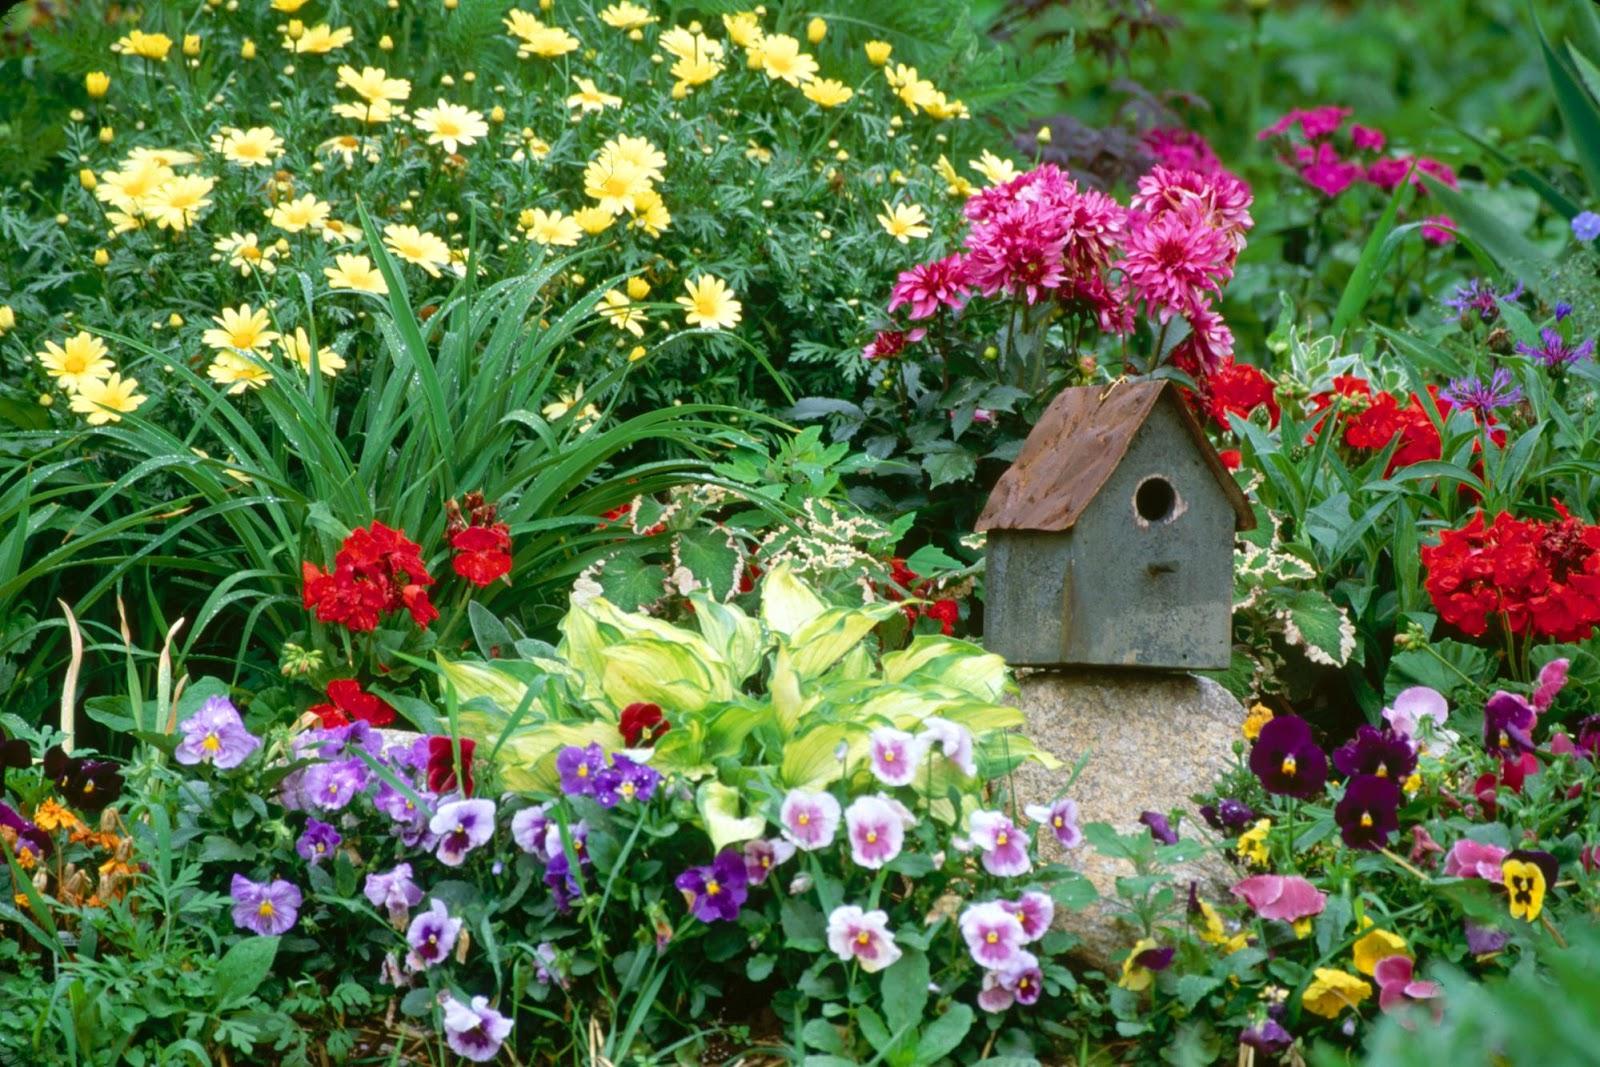 Fond ecran gratuit printemps paysage fonds d 39 cran hd - Catalogue de fleurs gratuit ...